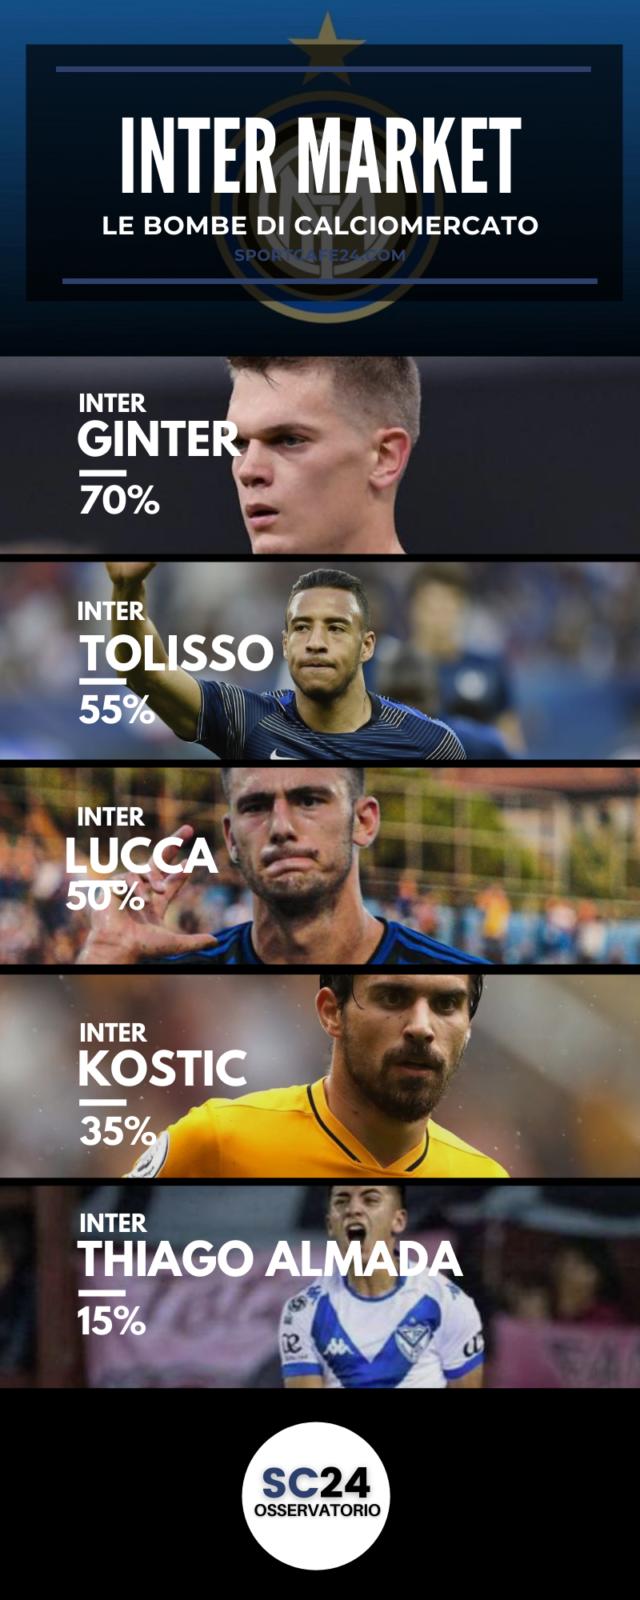 Ginter possibile rinforzo per la difesa dell'Inter?